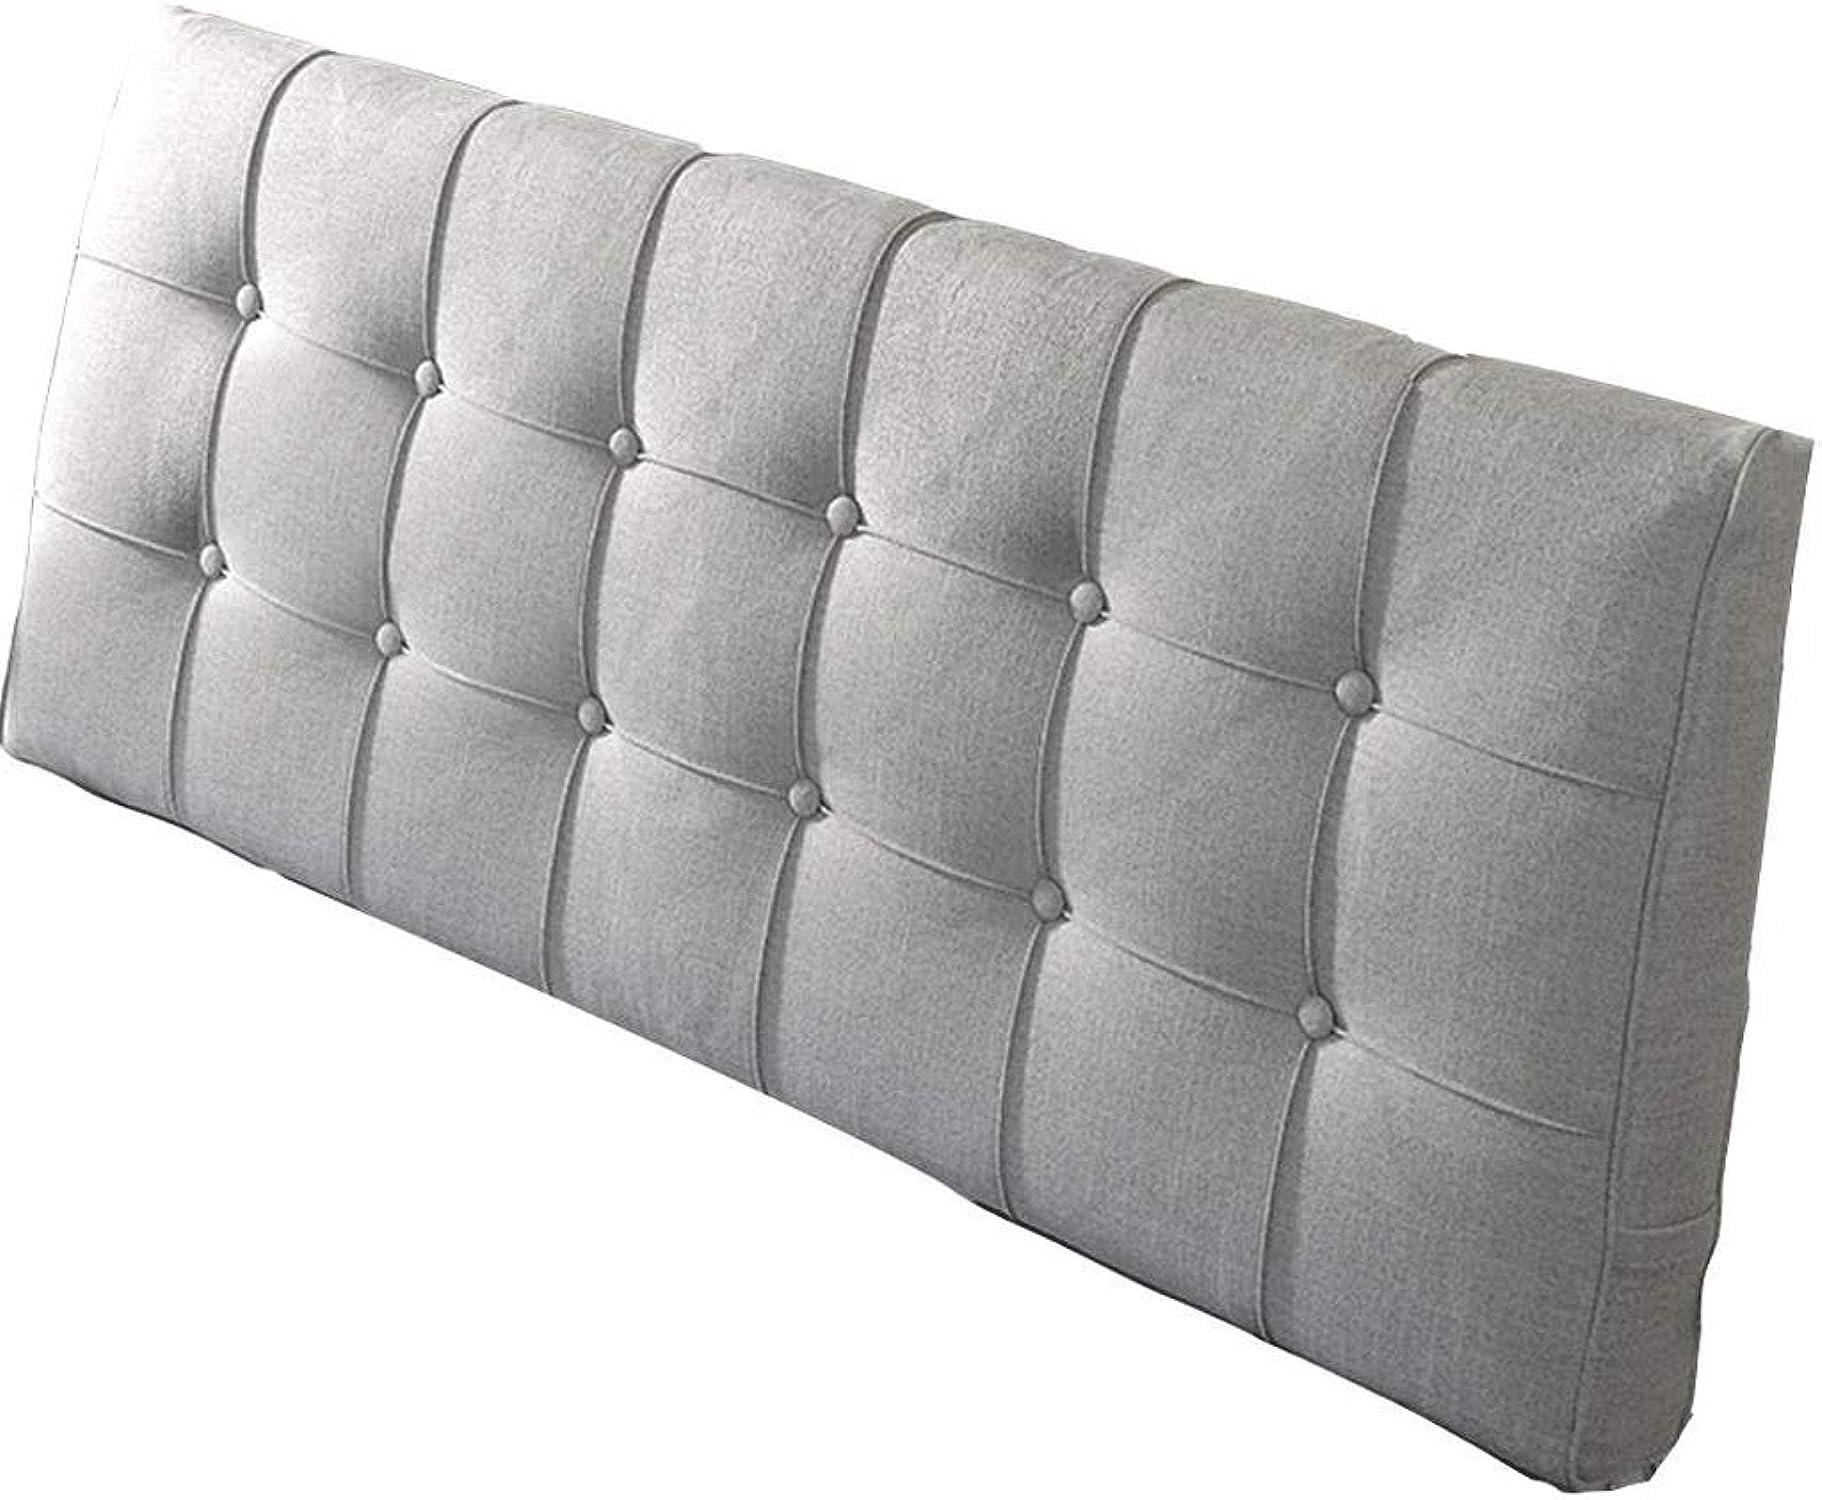 Coussin de tête de lit en lin éponge support double oreiller de tête de lit extra grand rembourré (5 couleurs, 9 tailles) (Couleur   B, taille   150x60x10cm)